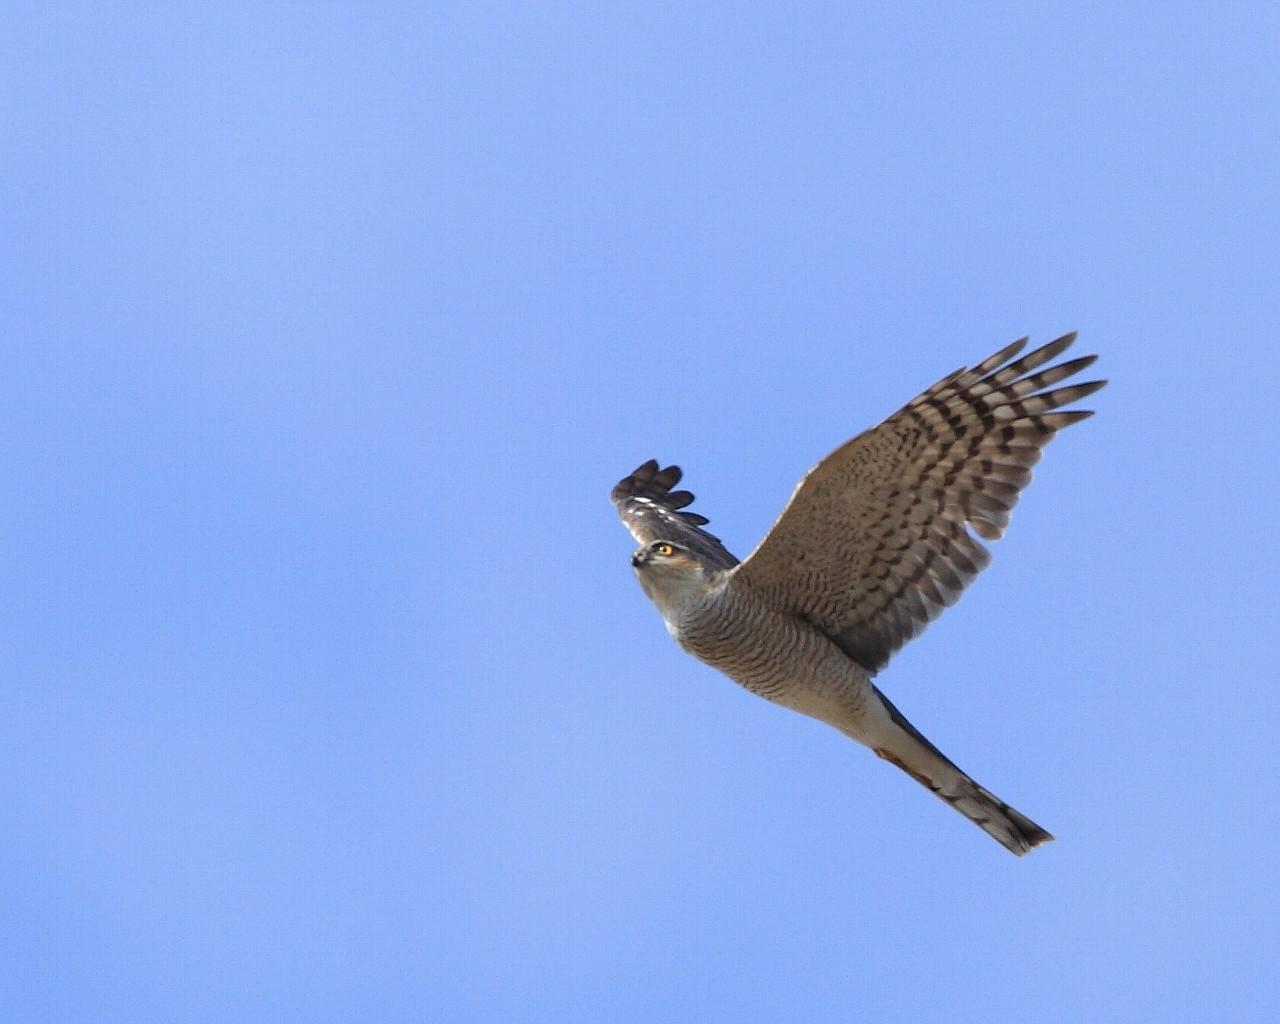 珍鳥を撮っていたら、、、_f0105570_10344324.jpg